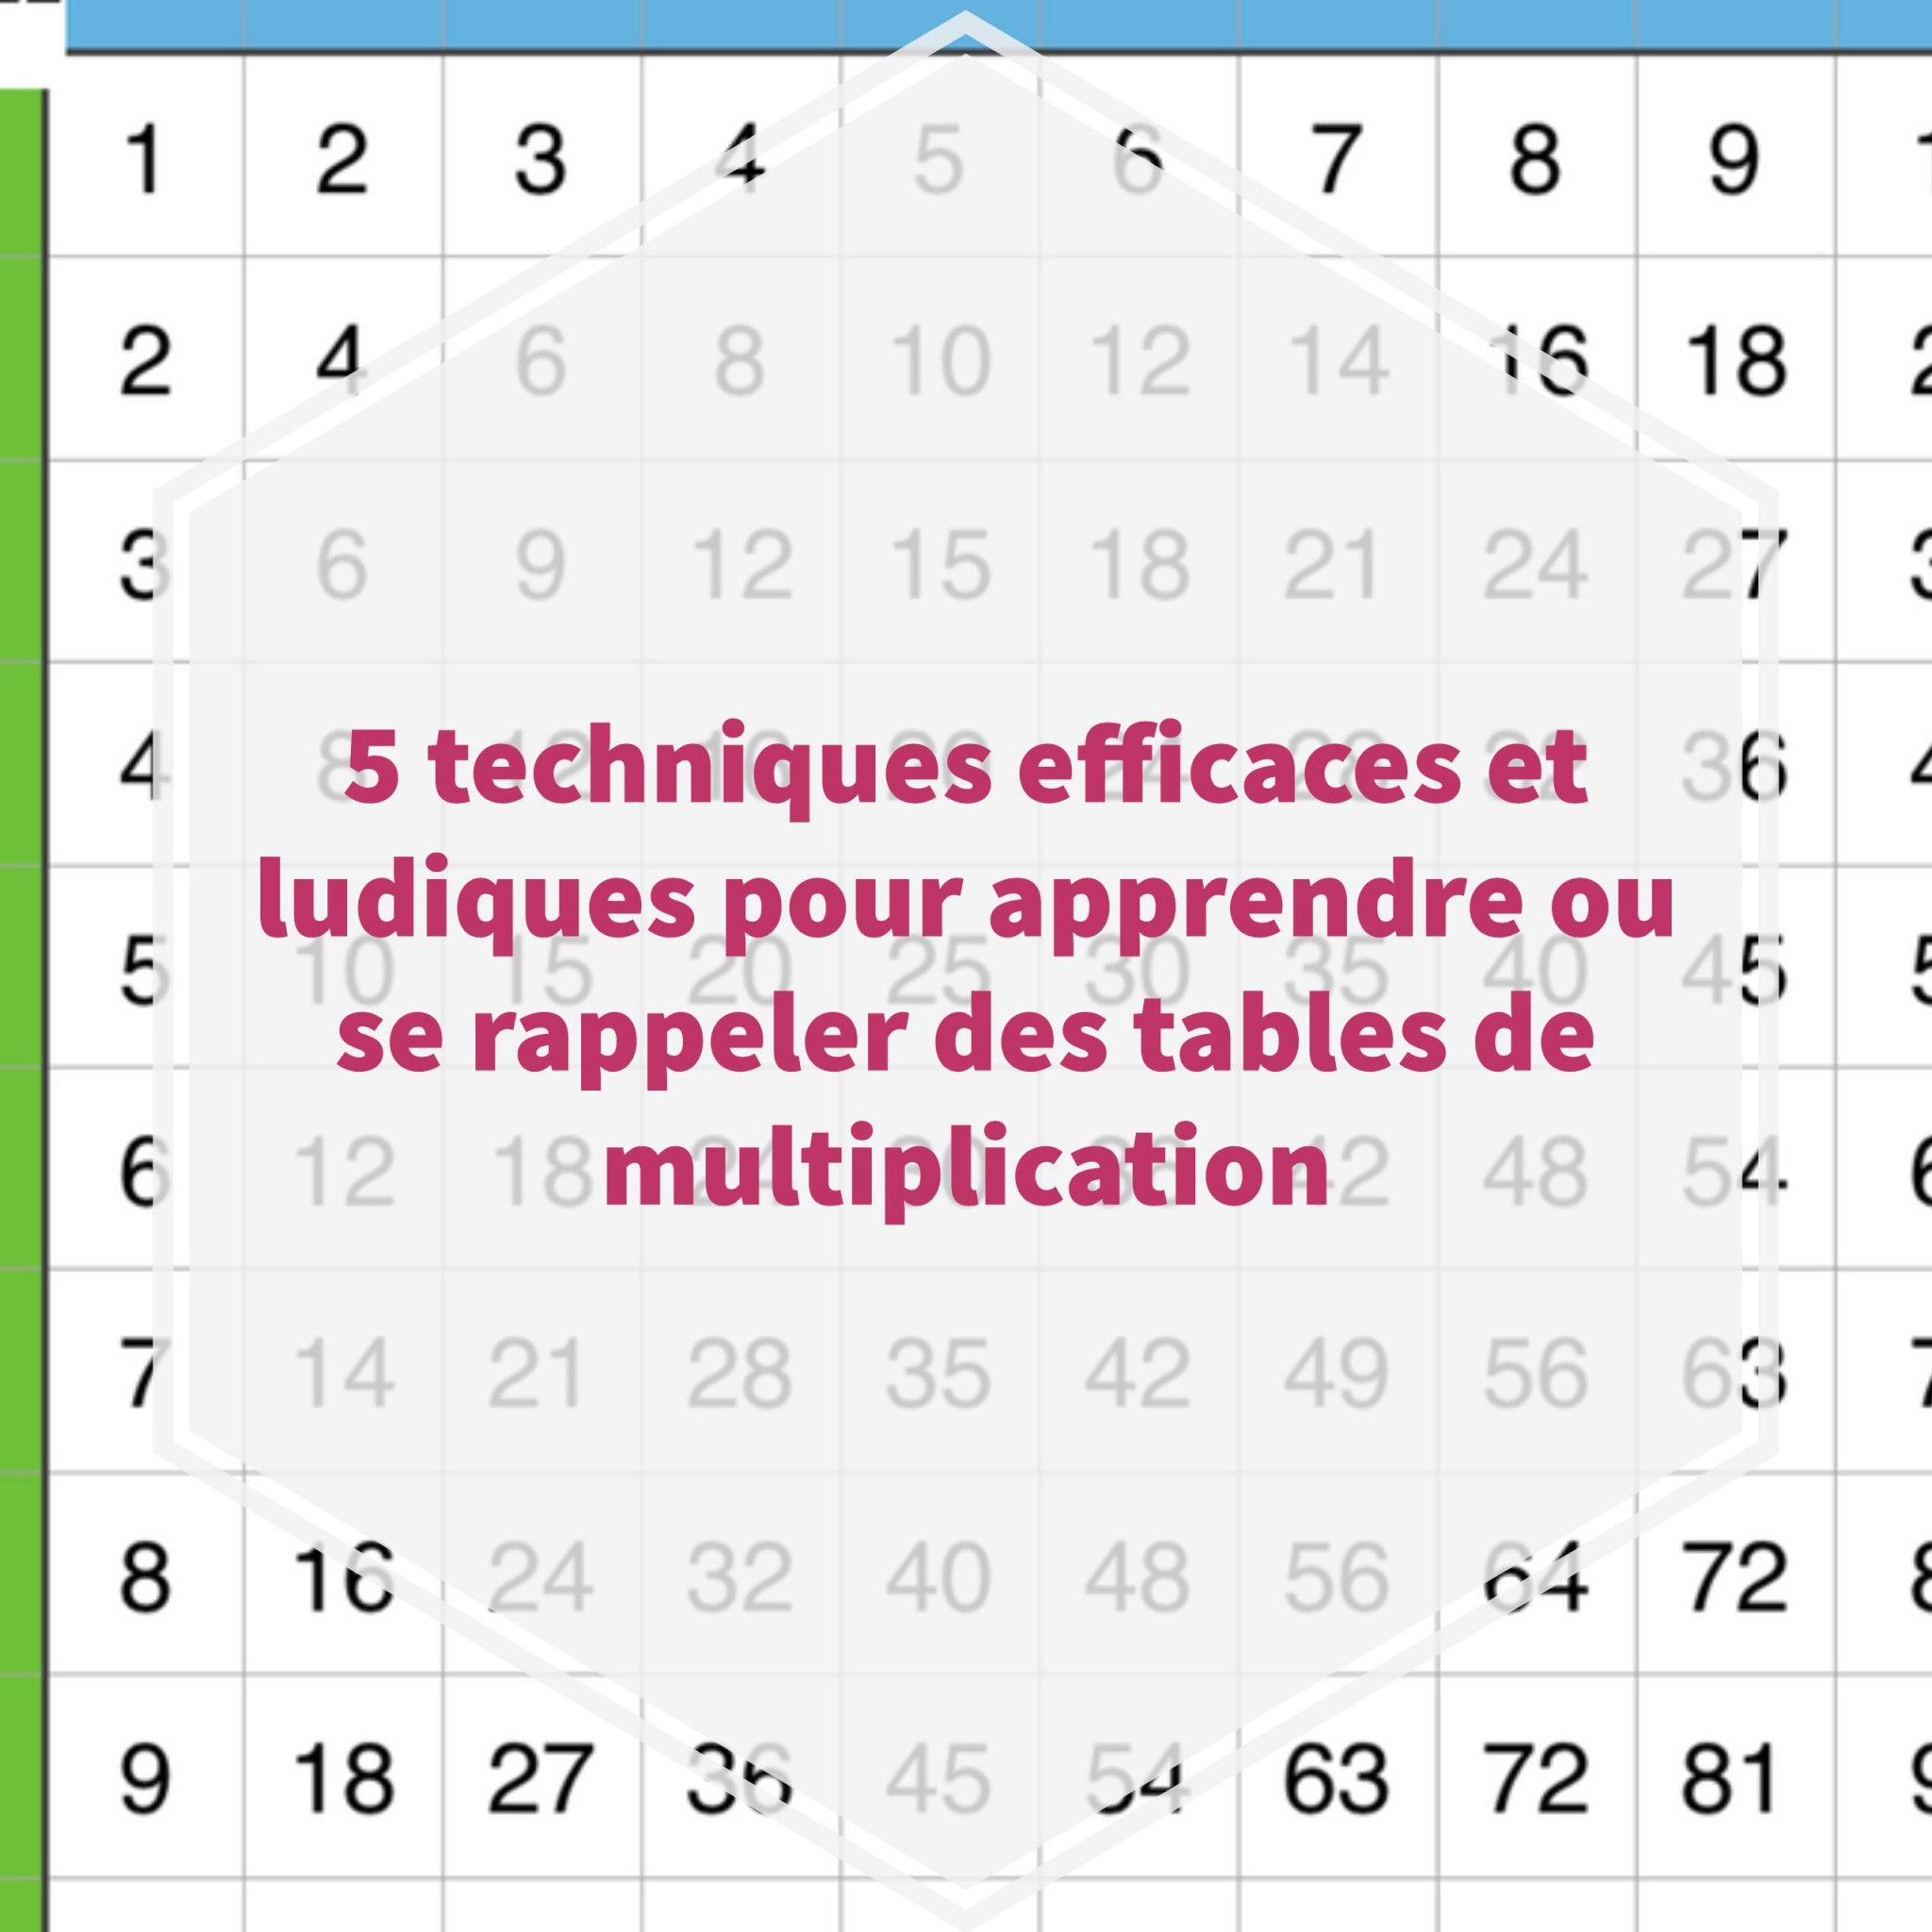 5 techniques efficaces et ludiques pour apprendre ou se for Apprendre multiplication ce2